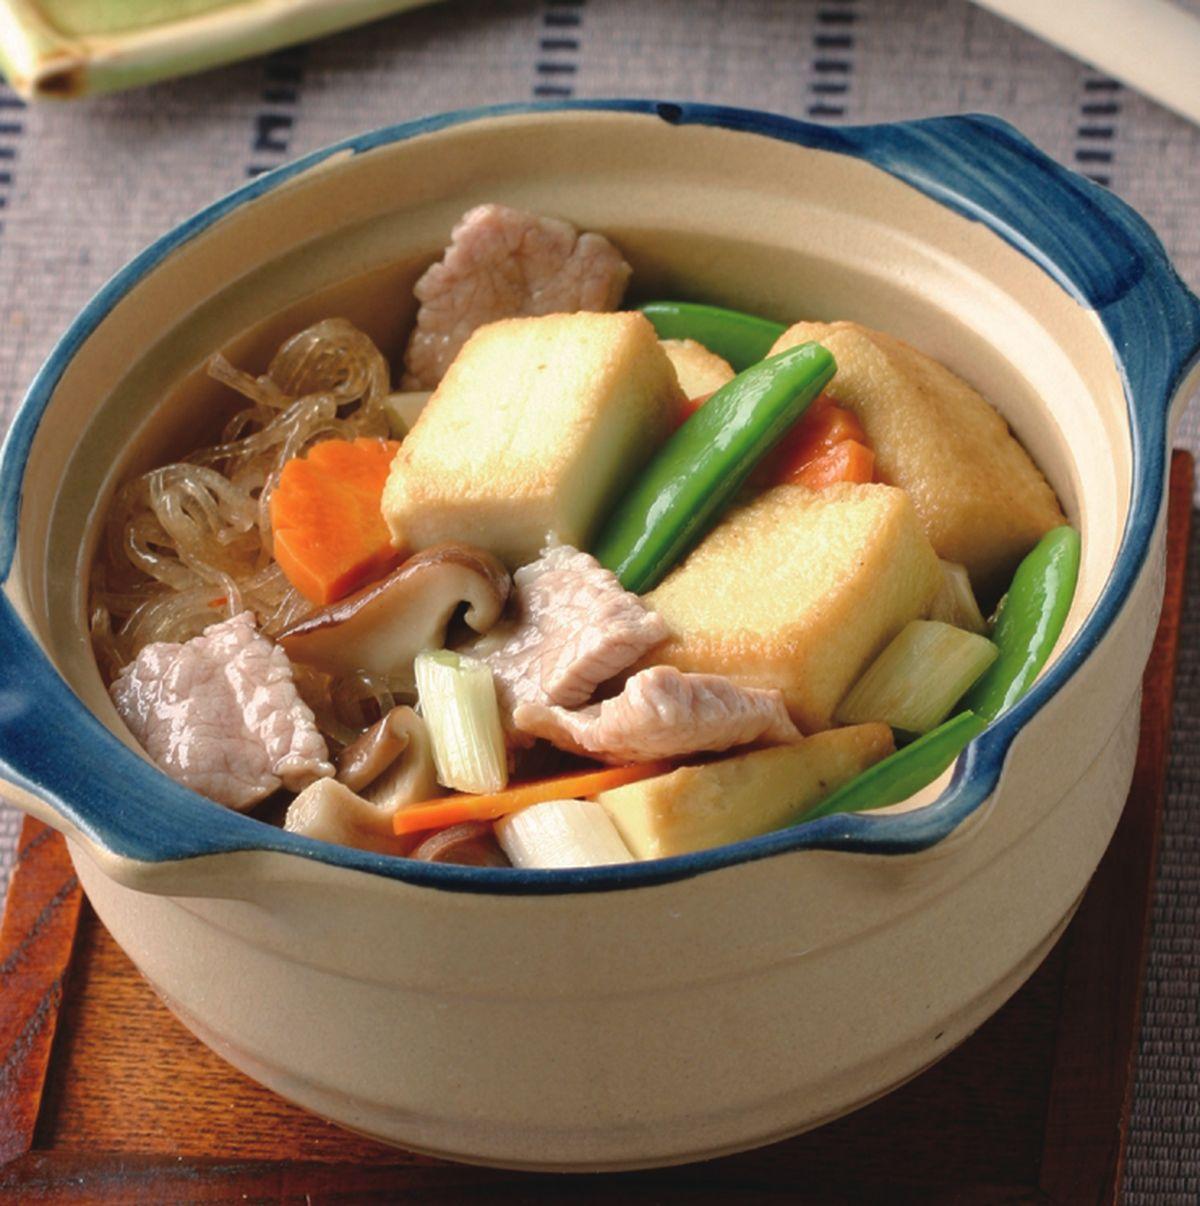 食譜:豆腐粉絲煲